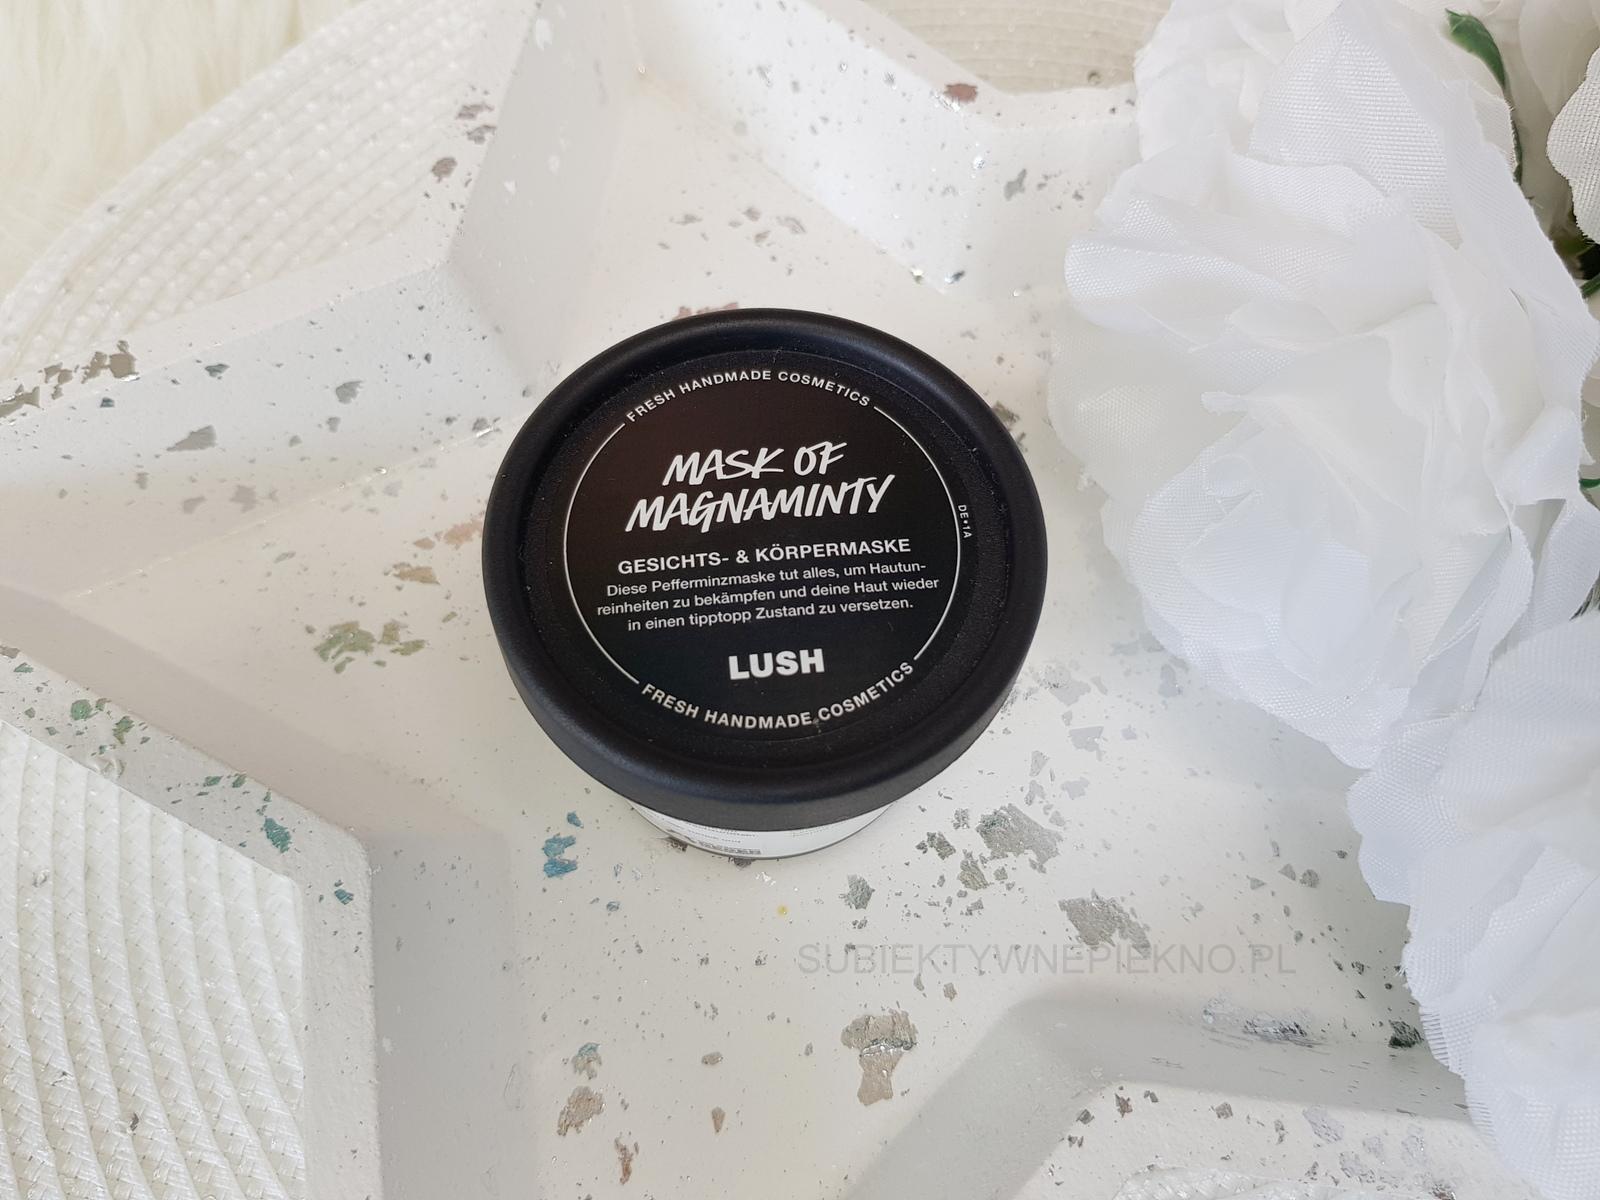 Recenzja Lush Mask of Magnaminty - Miętowa maseczka do twarzy